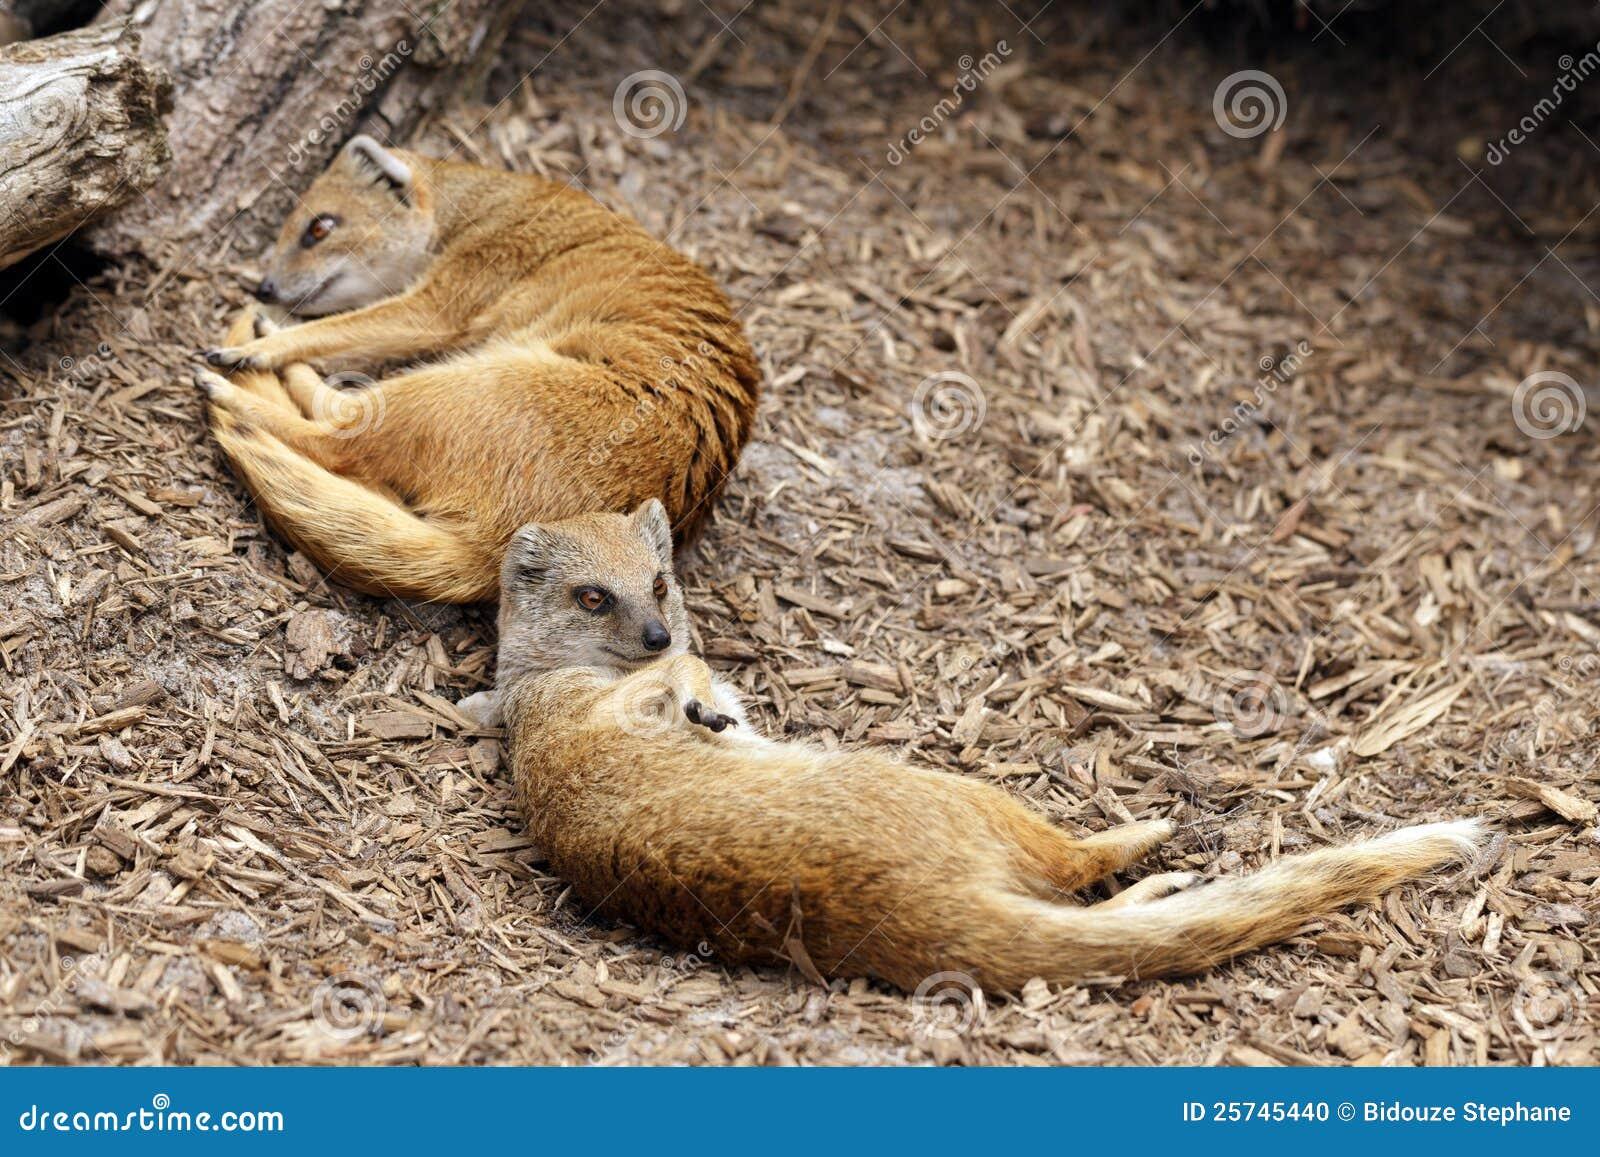 Yellow mongoose sleeping